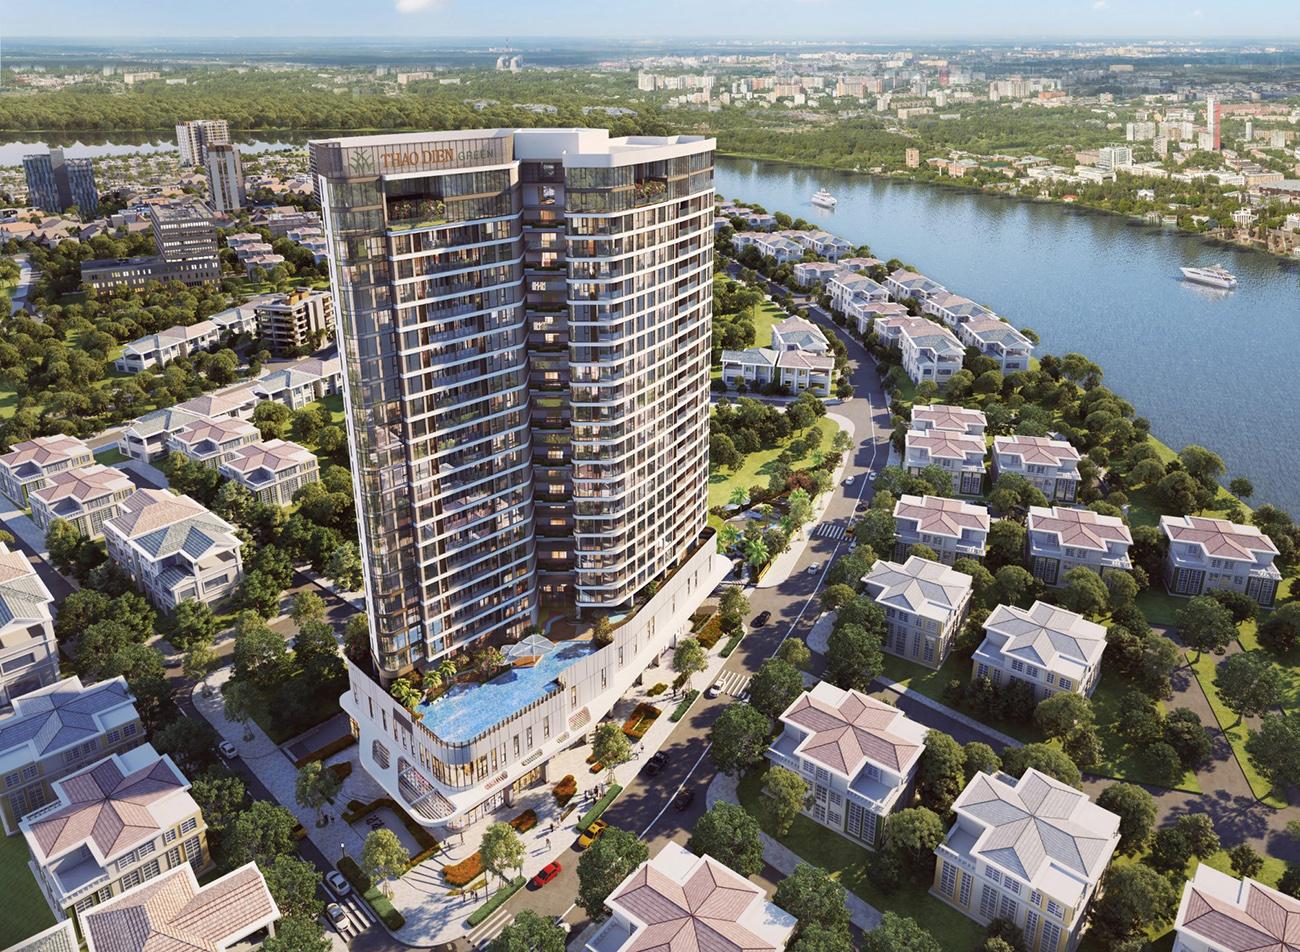 Phối cảnh tổng thể dự án căn hộ chung cư Thảo Điền Green Quận 2 đường Nguyễn Văn Hưởng